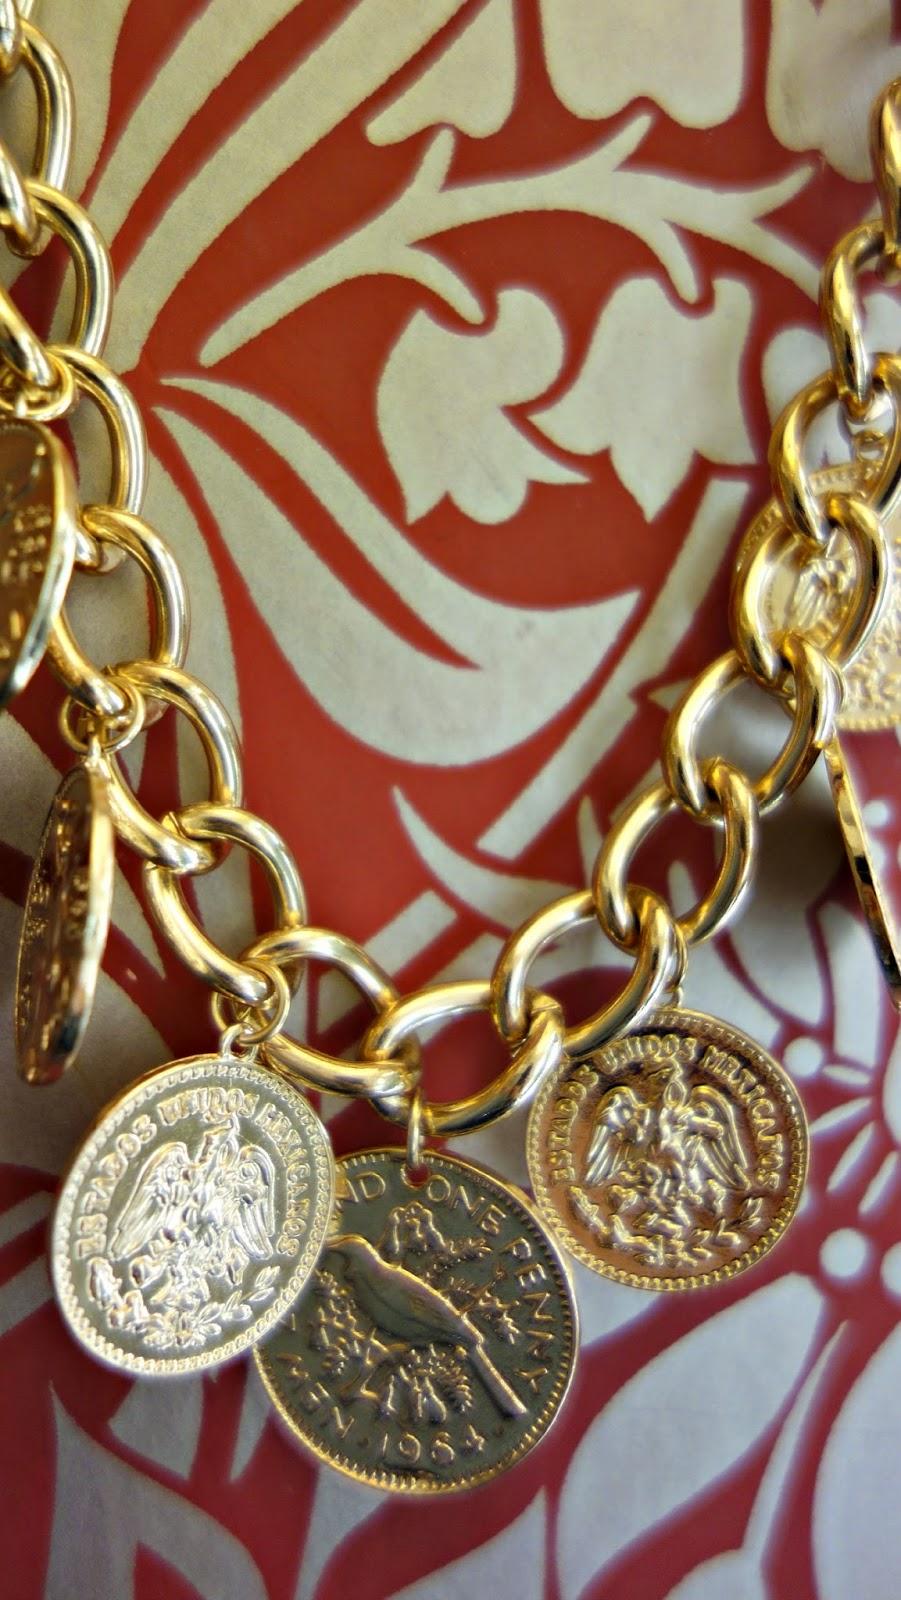 Reborn coin necklace